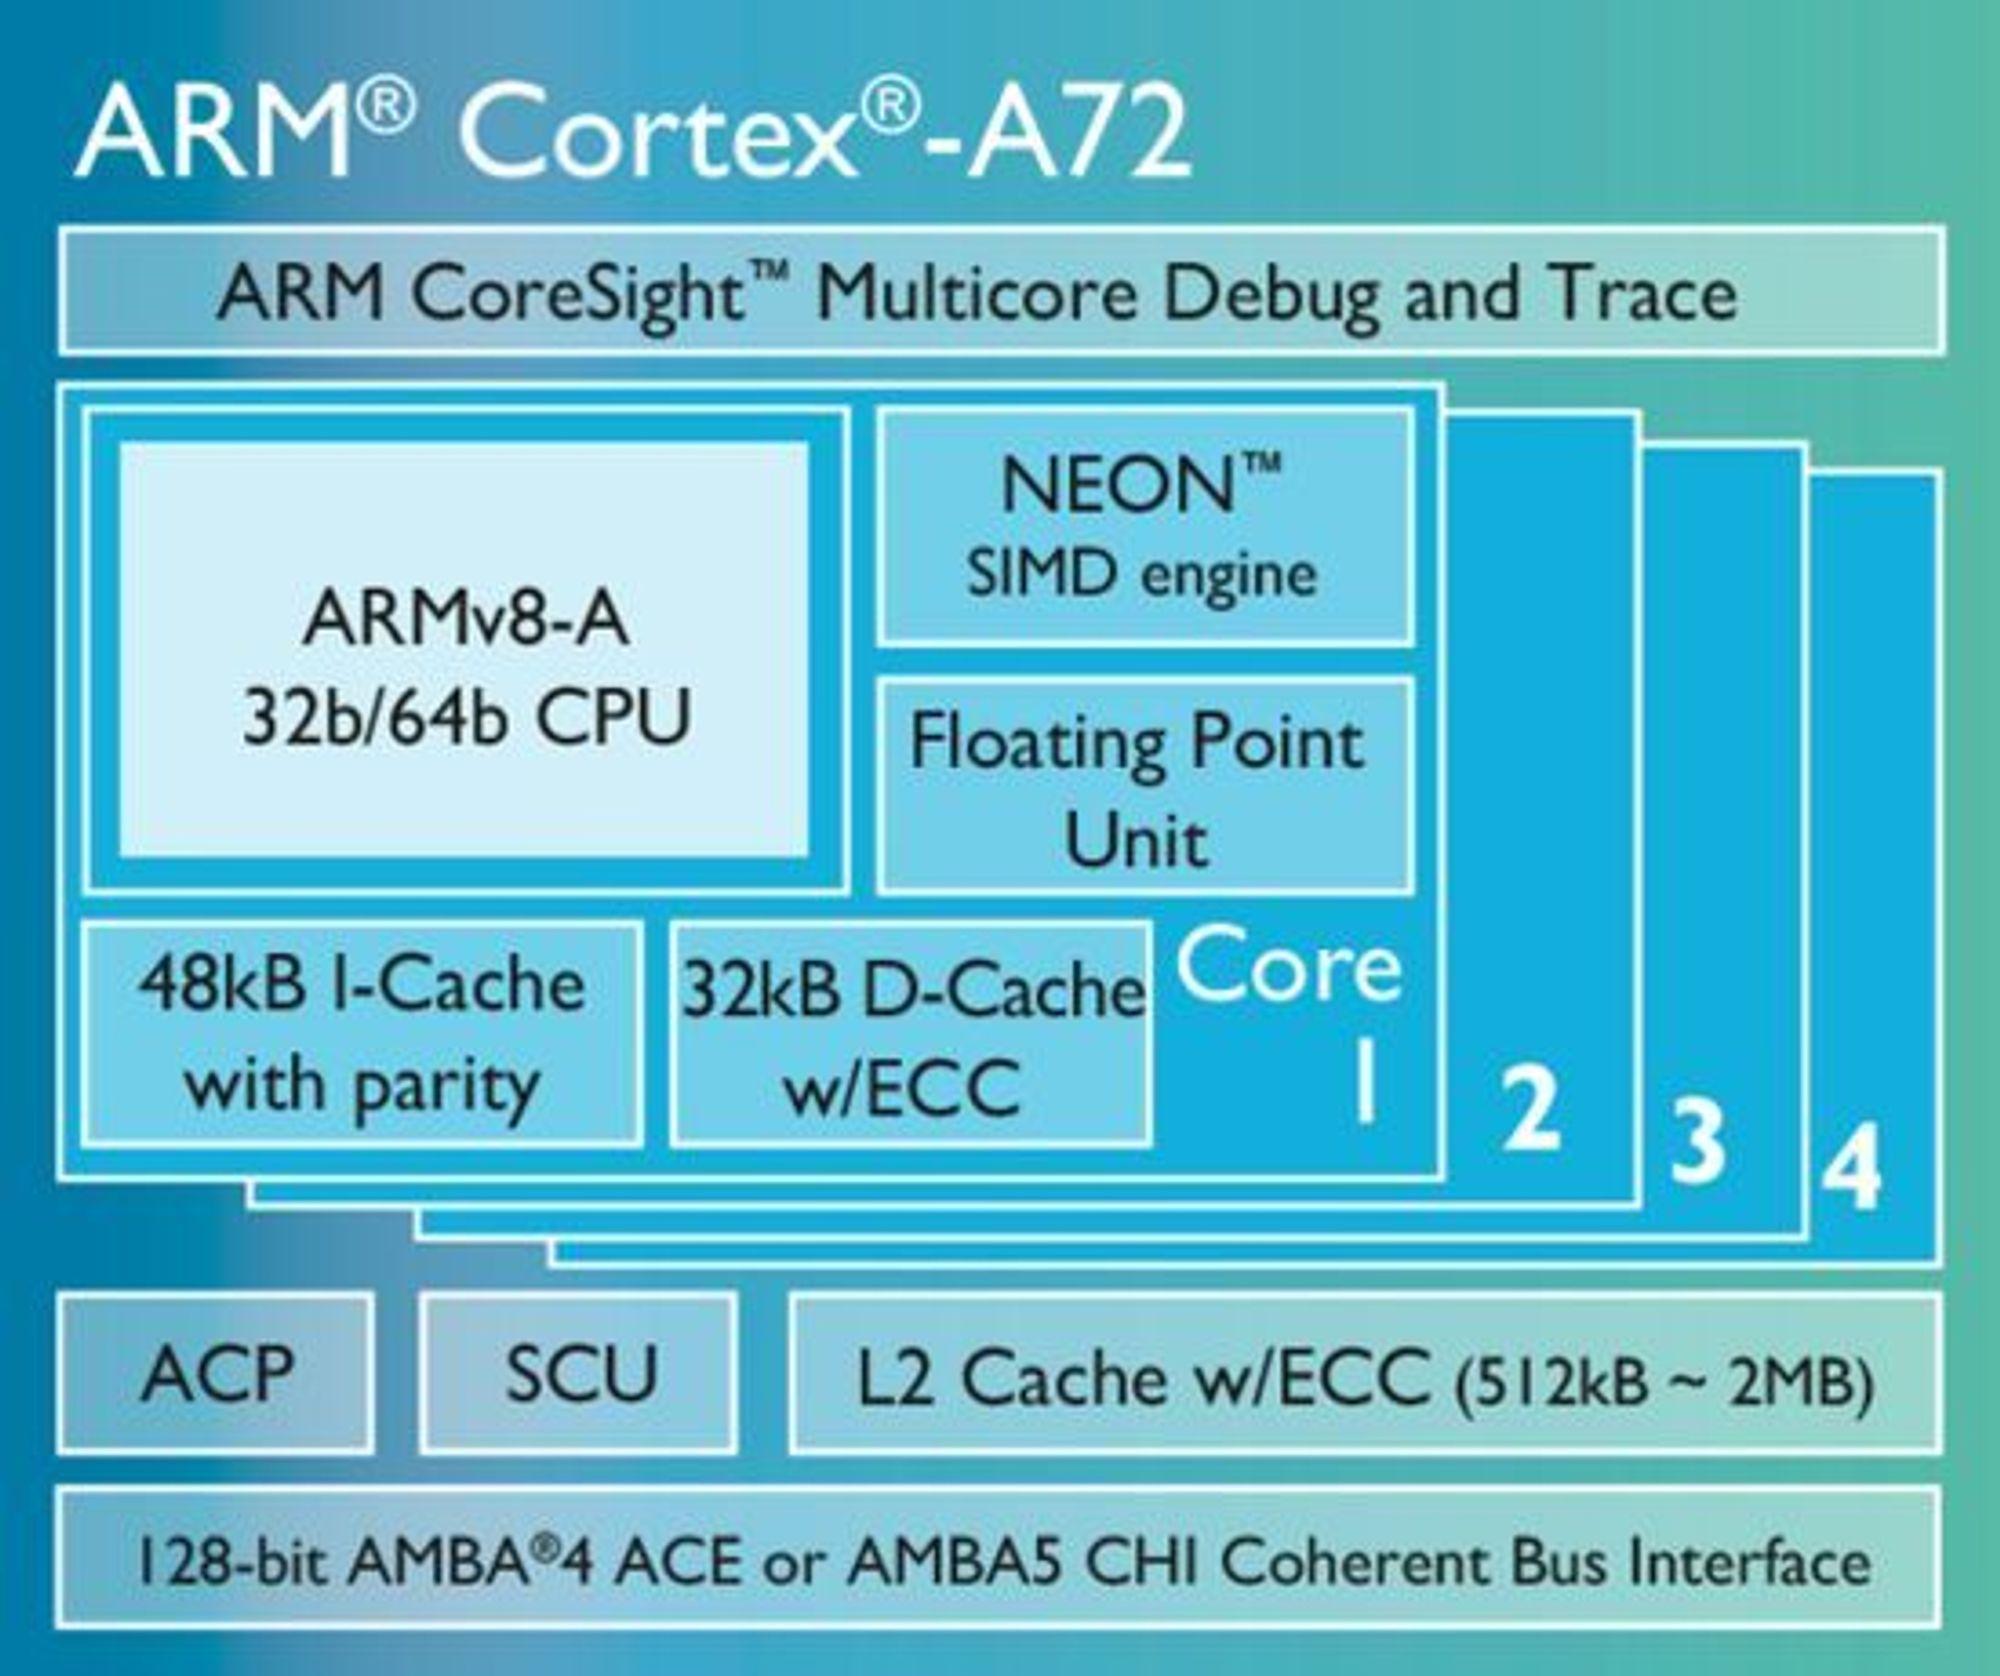 ARMs kommende Cortex-A72-prosesser skal leveres med opptil fire kjerner og er beregnet for de mest avanserte smartmobilene i 2016.